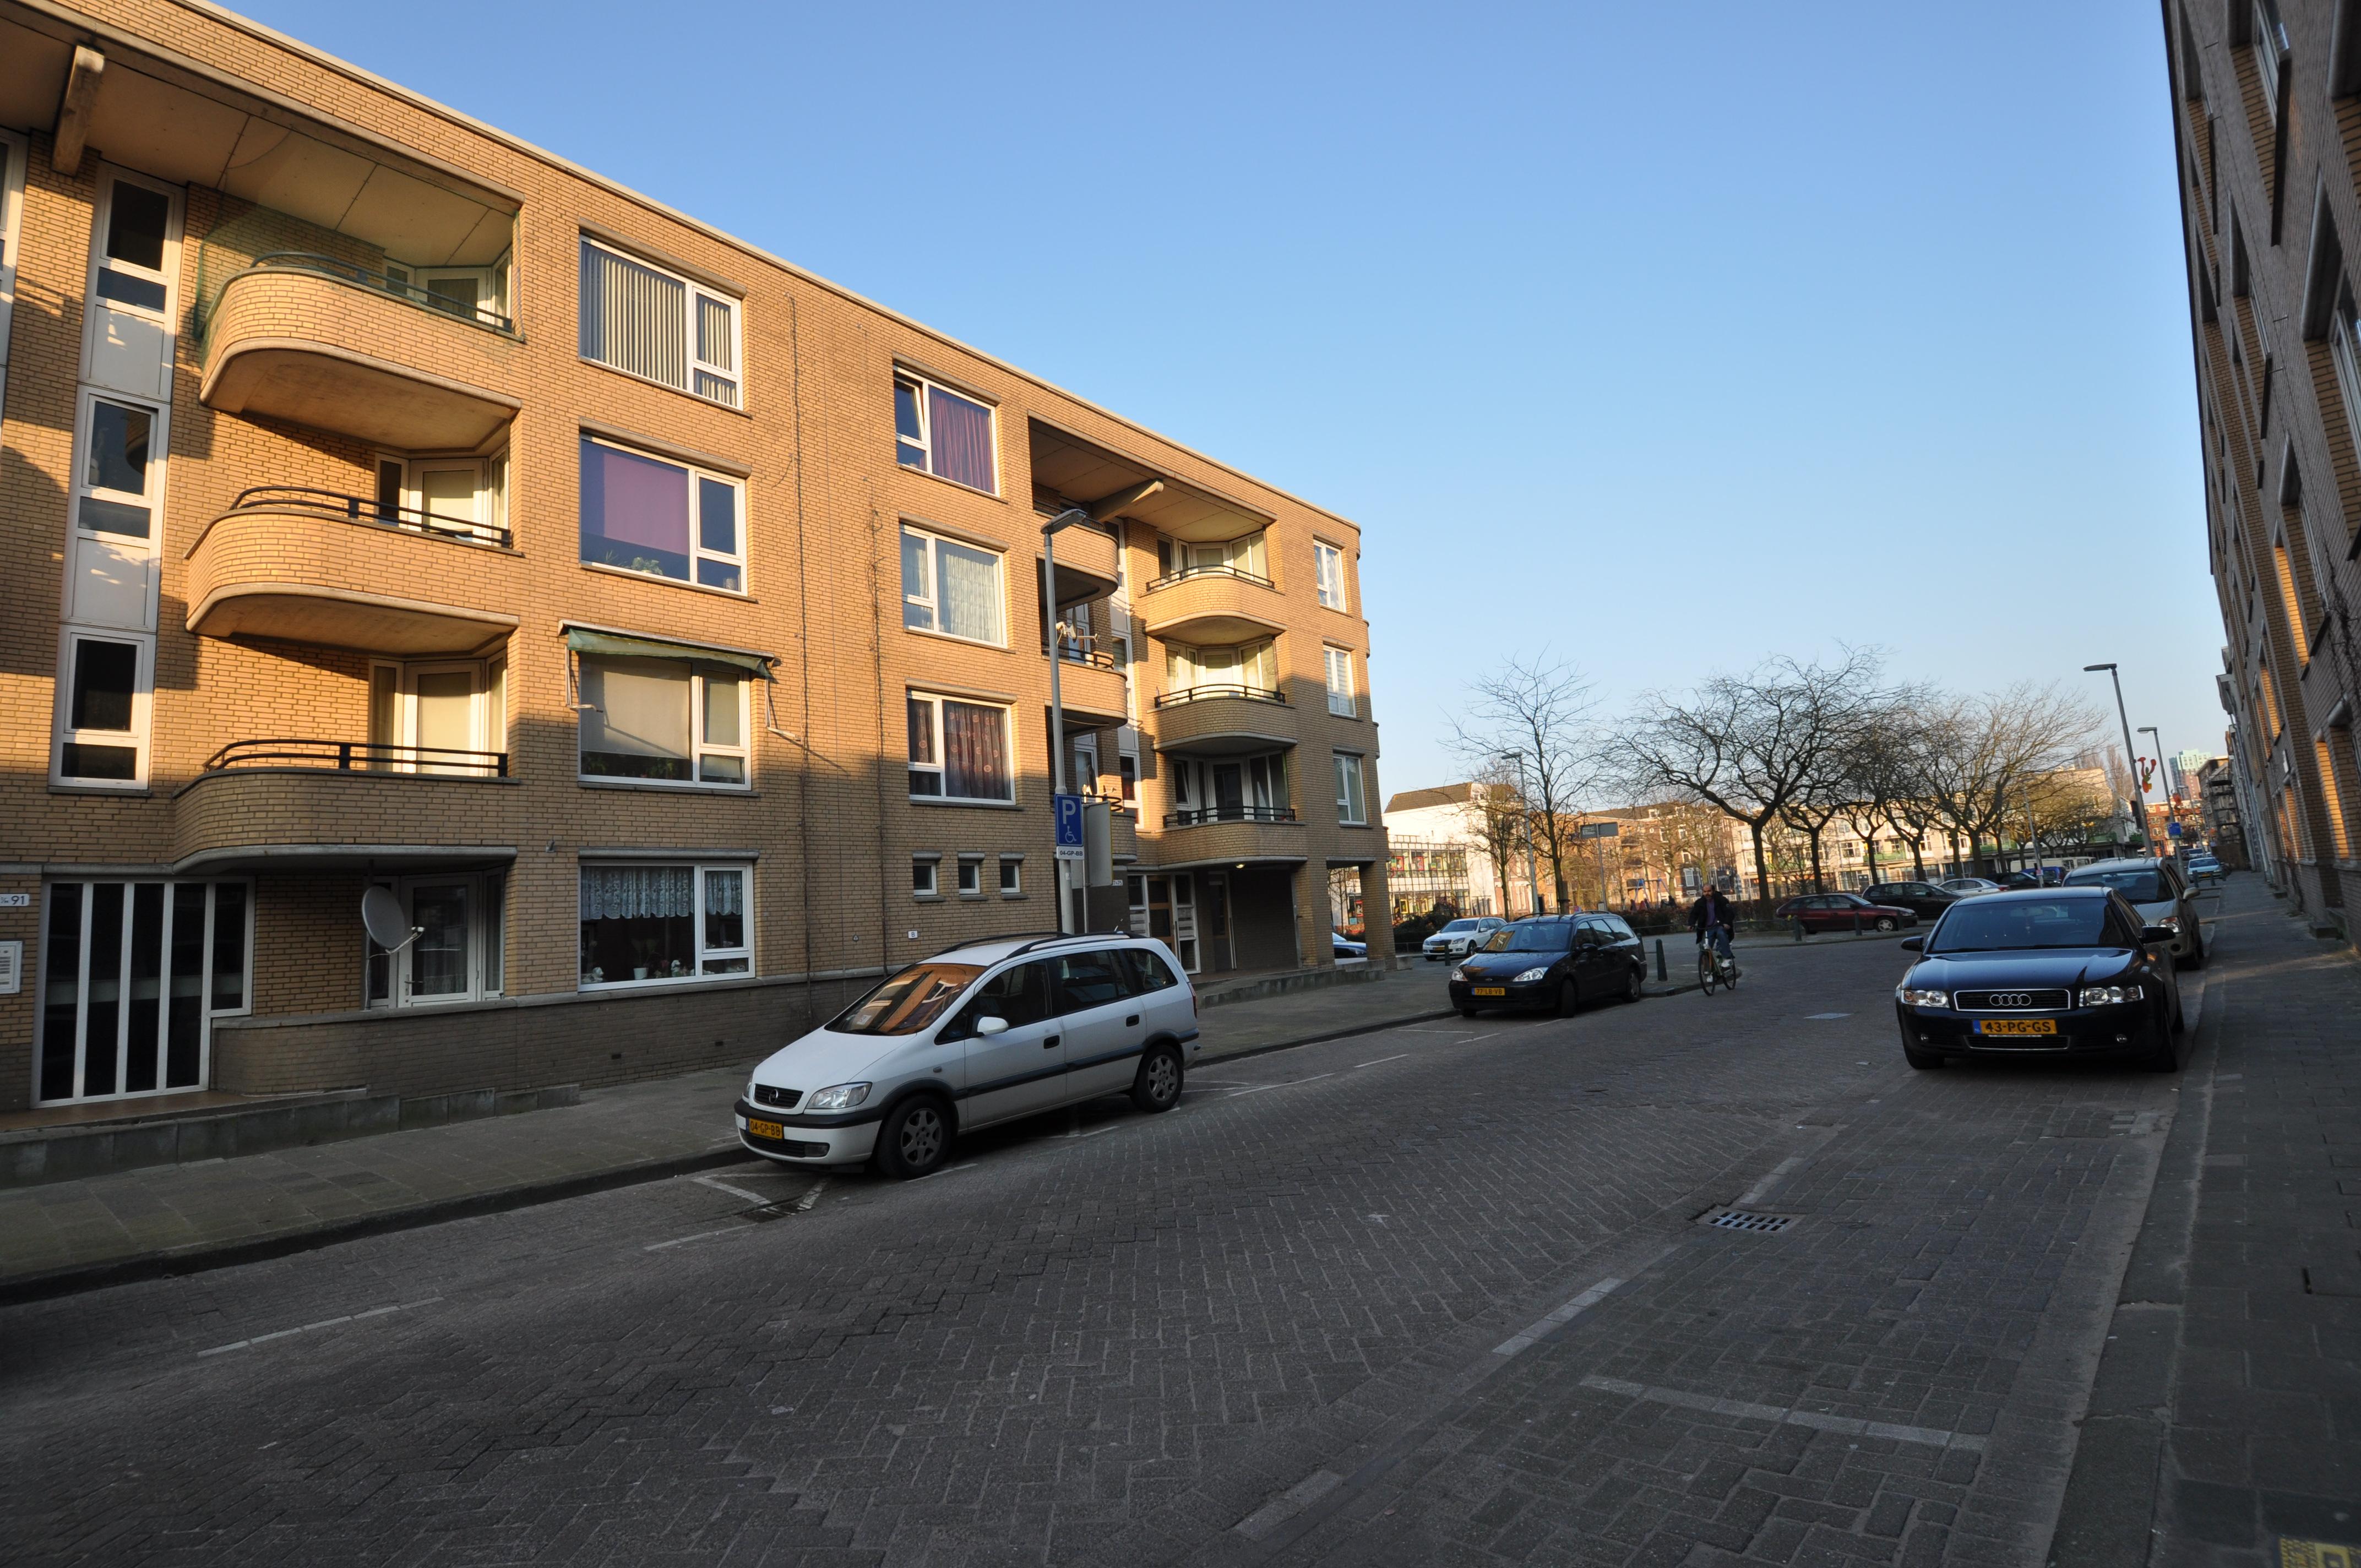 Woelwijkstraat 85: Te koop 3 kamer appartement in Rotterdam Oude Noorden.